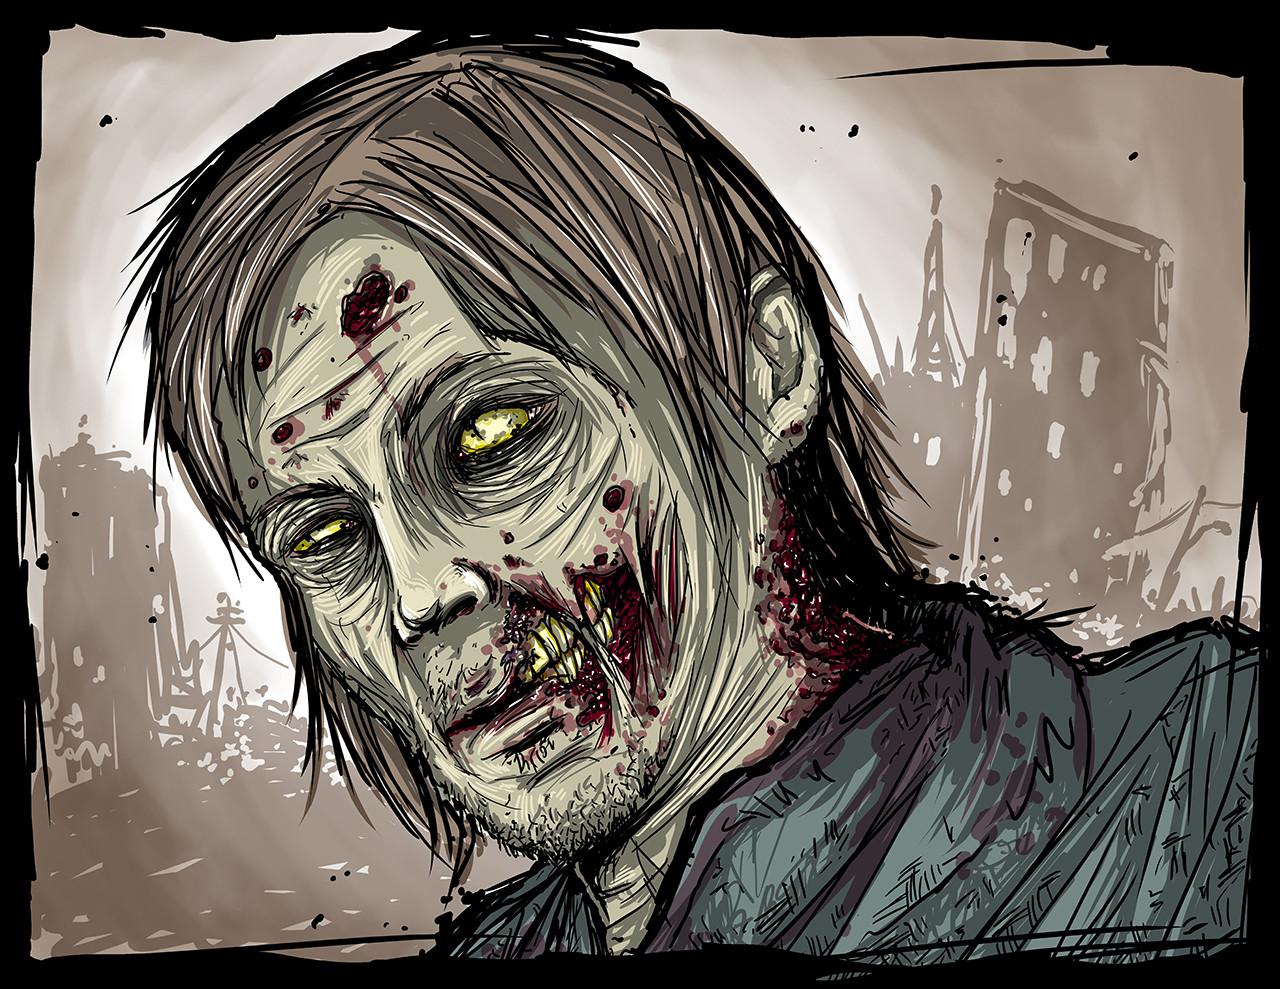 Custom Zombie Portrait - Norman Reedus from The Walking Dead!